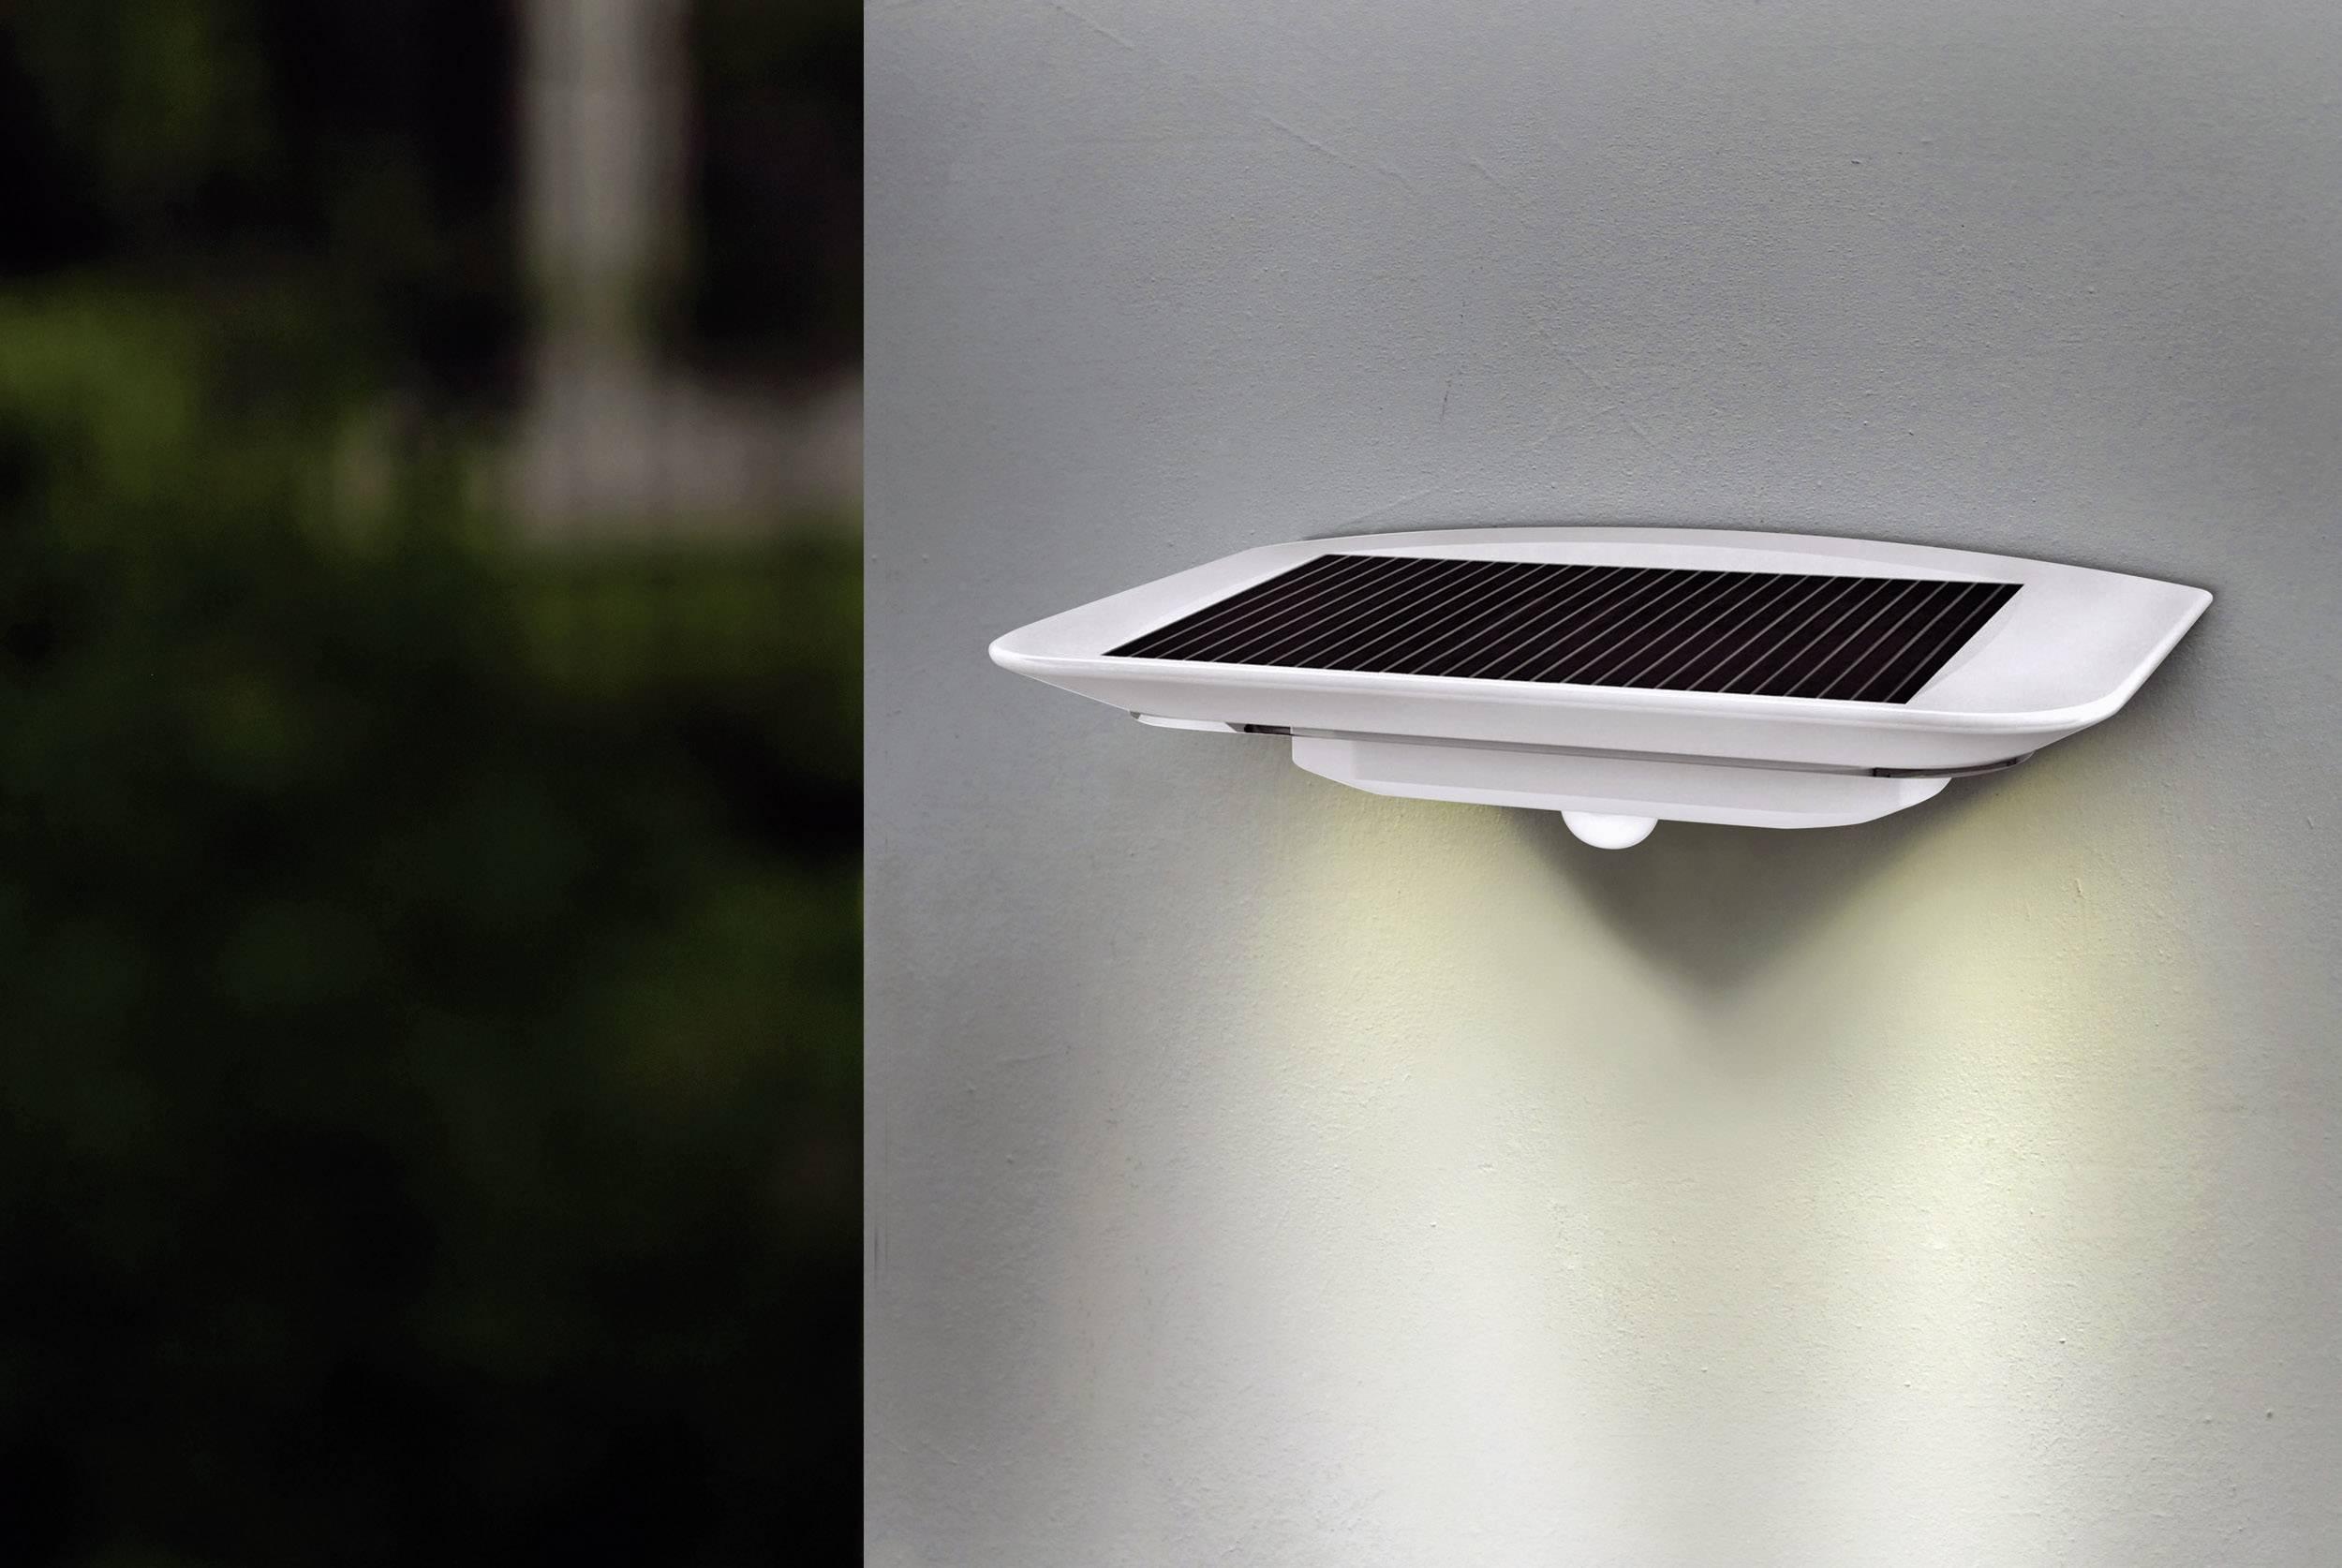 Venkovní solární nástěnné osvětlení s PIR senzorem ECO-Light Ghost Solar P9014 SI, neutrálně bílá